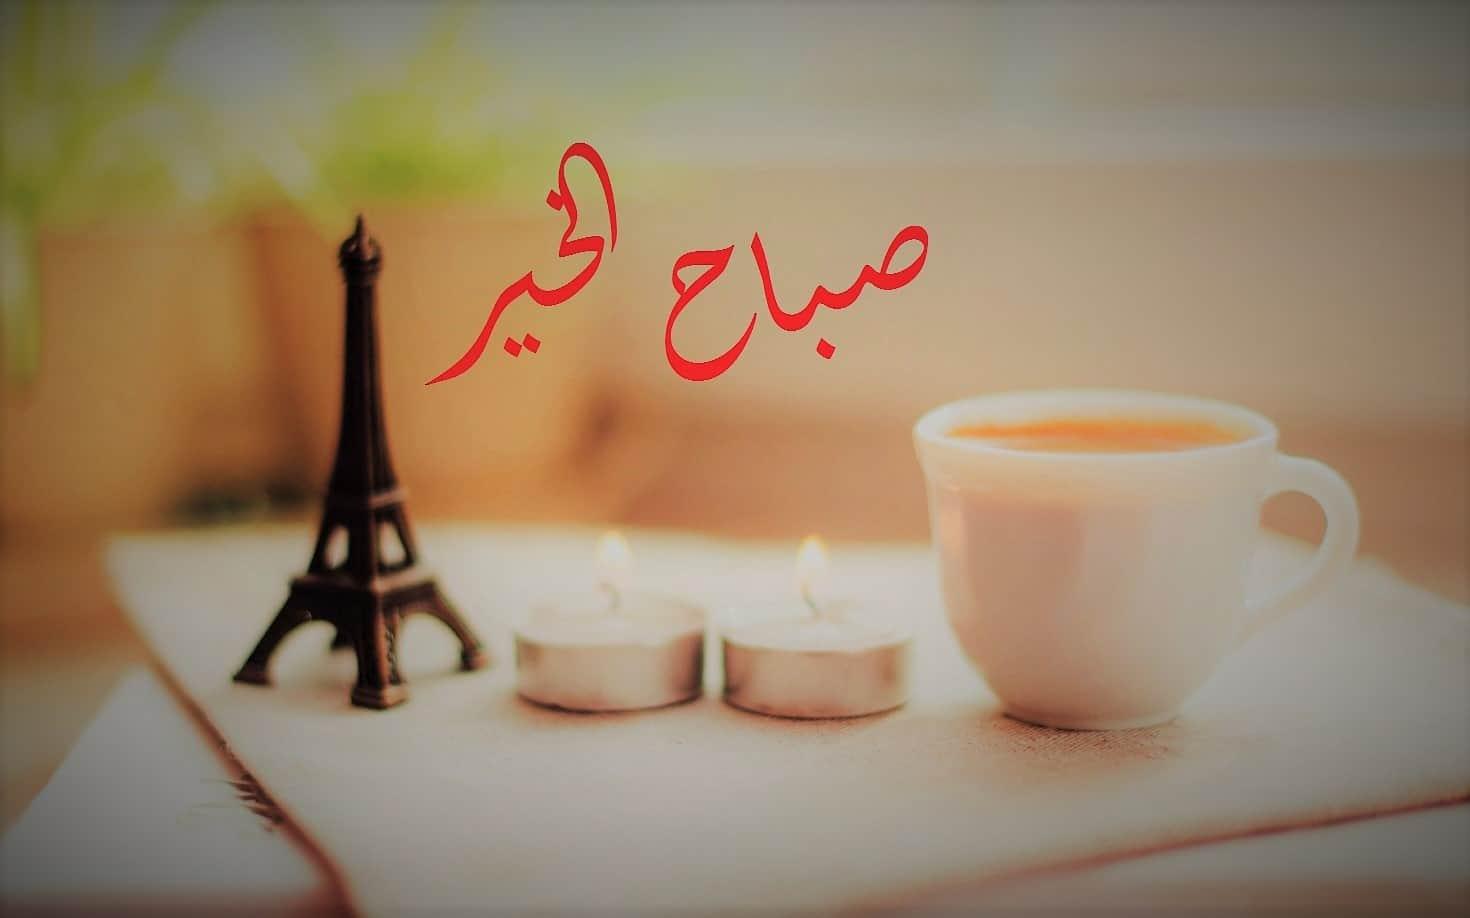 بالصور صباح الخير رومانسية , اقيم واشيك صور صباح الخير لاحبابنا 4994 5